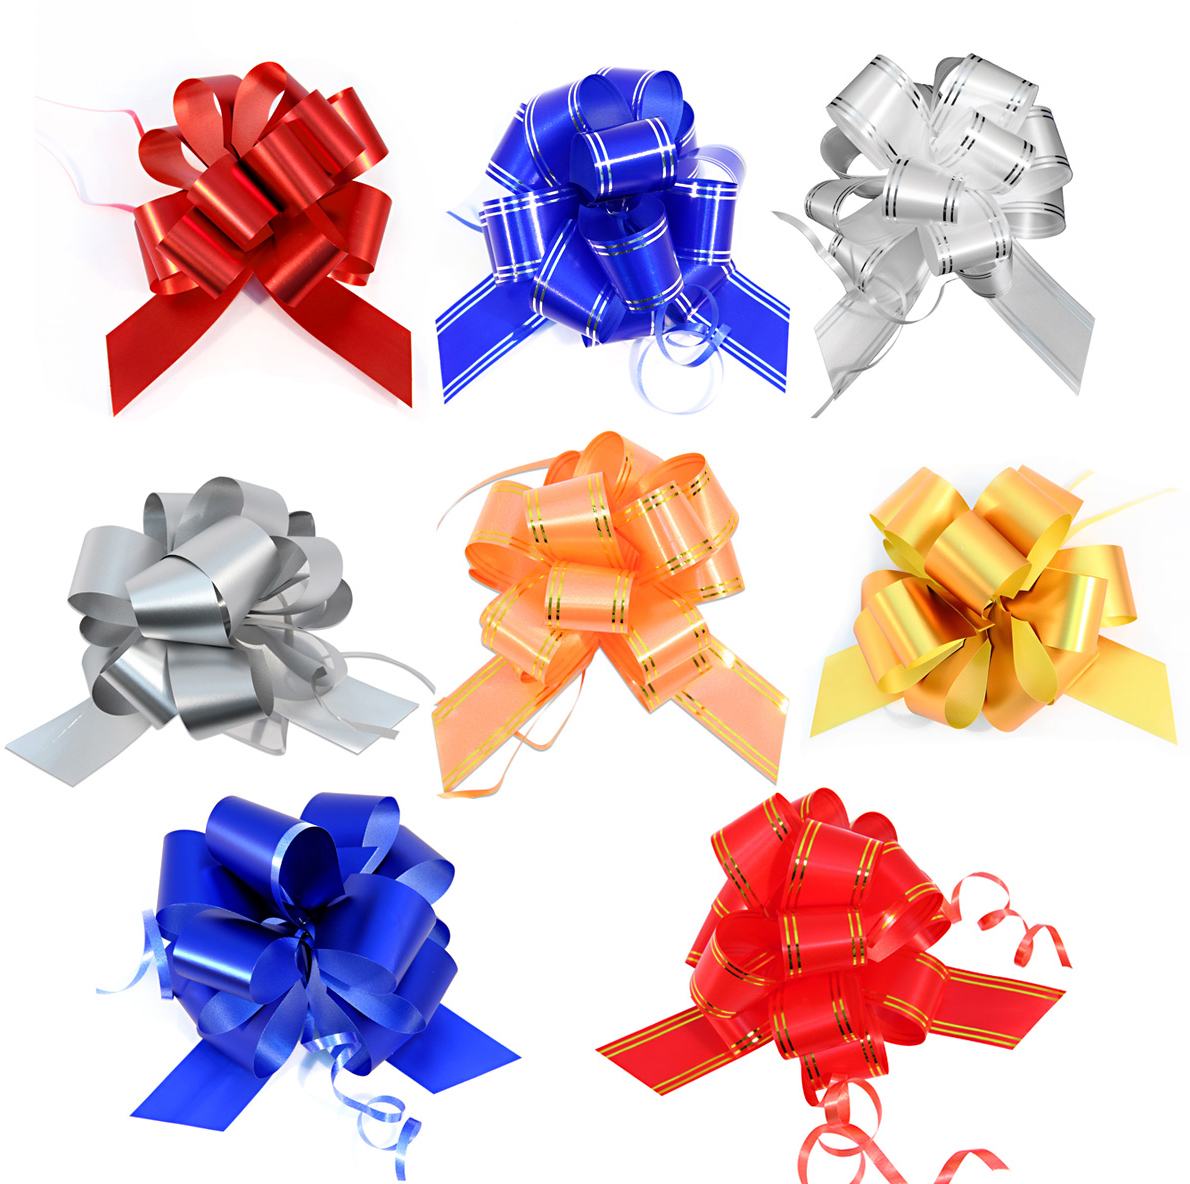 Бант упаковочный Veld-Co Шар, цвет: мультиколор, 3 х 100 см, 10 шт. 42378 коробка подарочная veld co giftbox трансформер белые розы цвет разноцветный 17 5 х 17 5 х 17 см